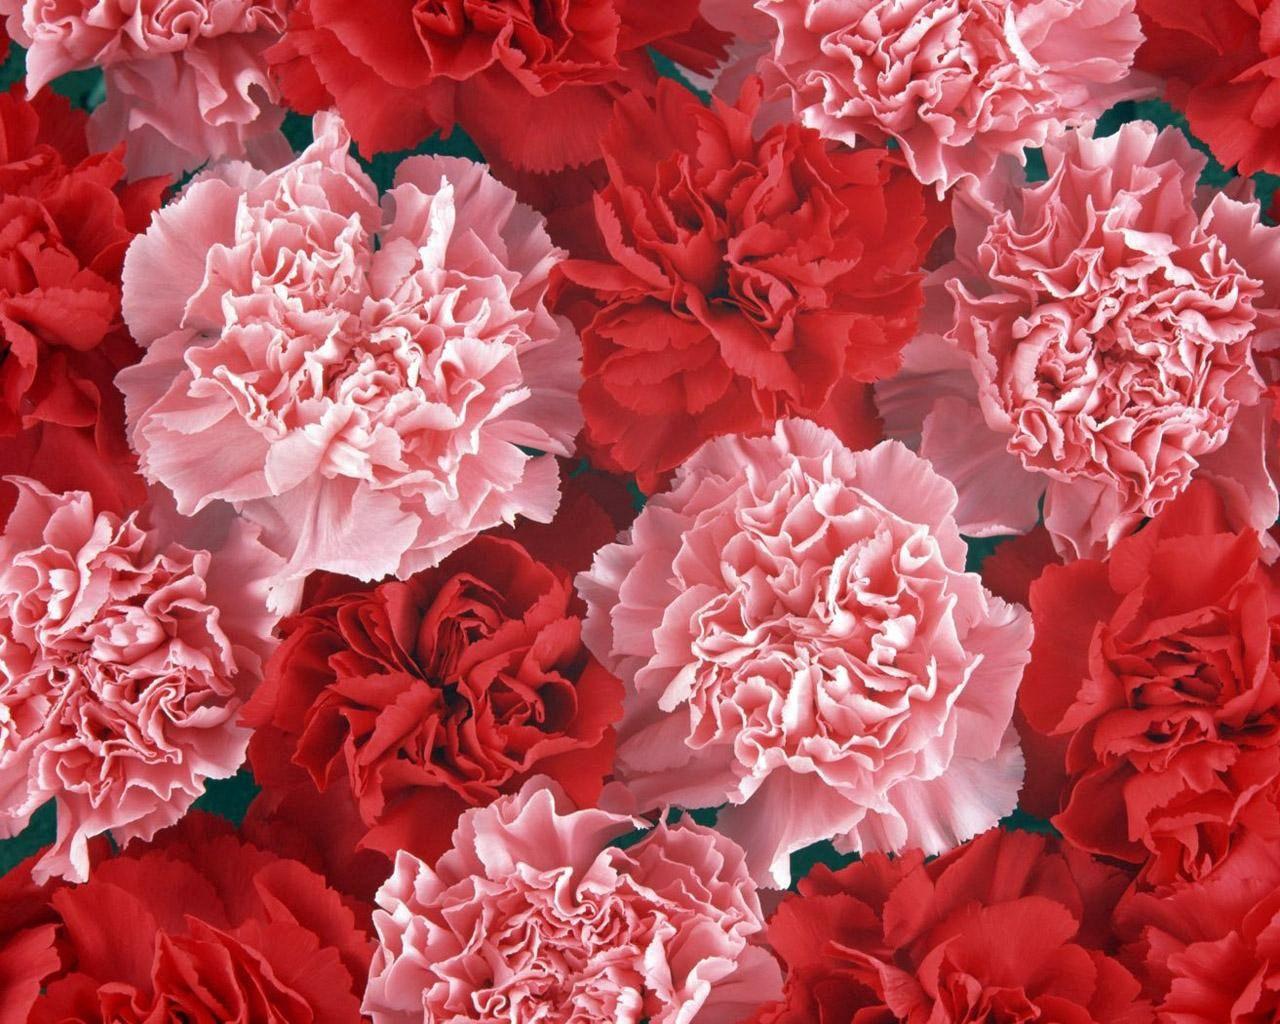 72137 Заставки и Обои Гвоздики на телефон. Скачать Цветы, Гвоздики, Бутоны, Розовые картинки бесплатно